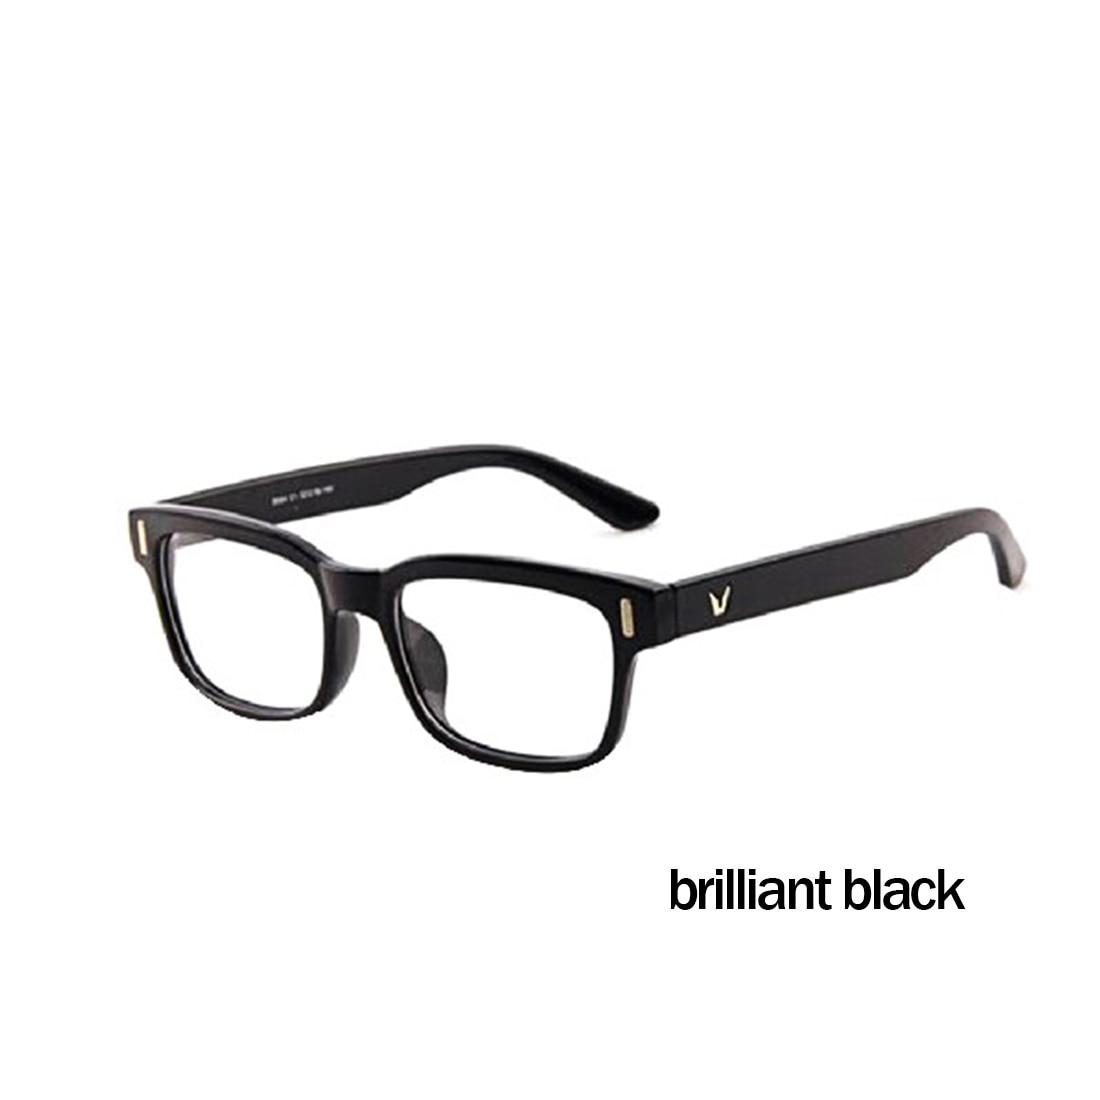 8a3933680b8 Dropwow Fashion V-Shaped Box Eye Glasses Frames Brand For Men New ...